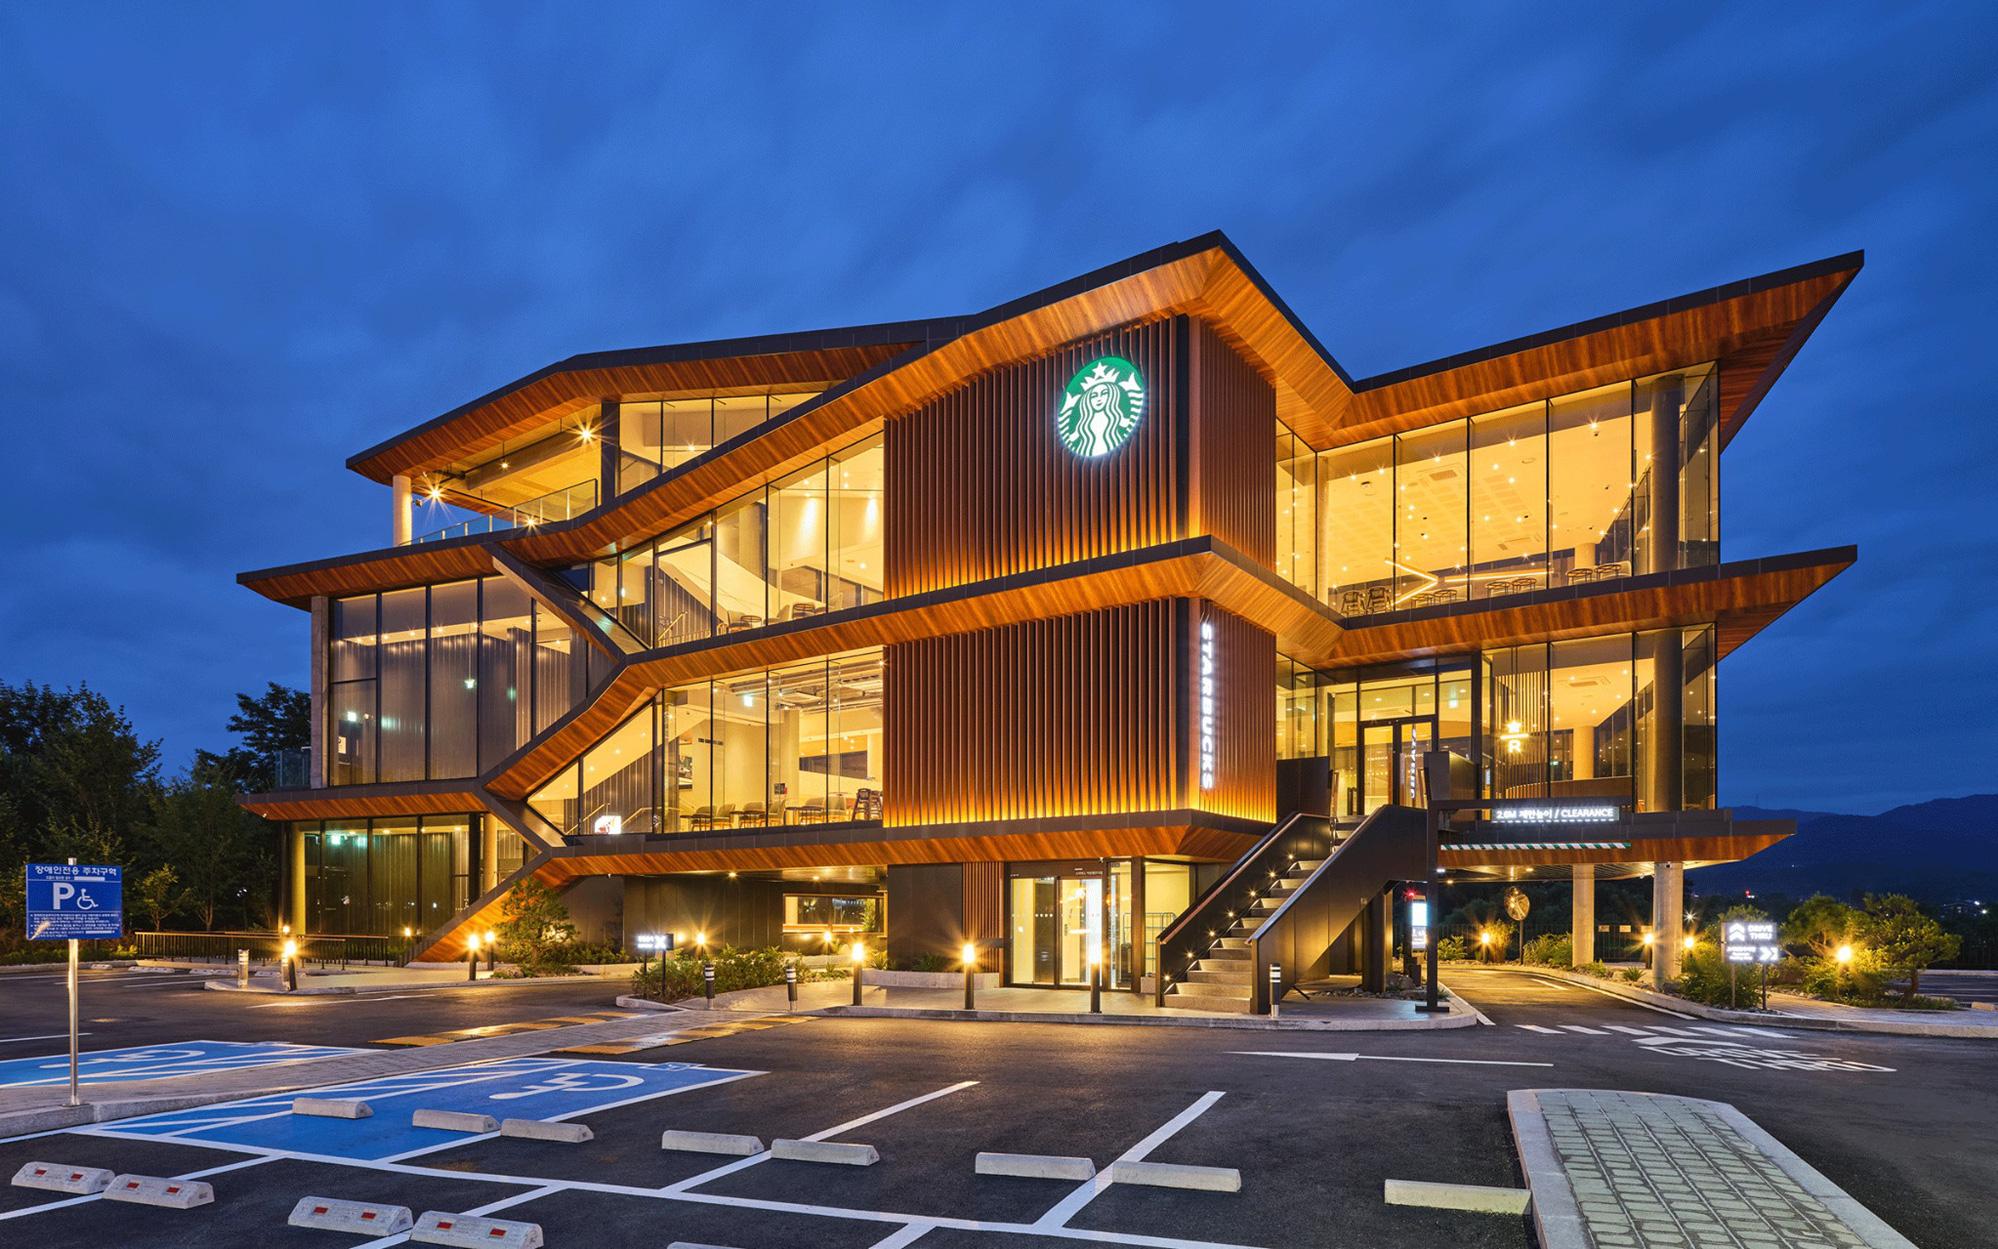 Starbucks Hàn Quốc mở cửa hàng lớn nhất từ trước đến nay với view cực đỉnh và còn có cả tiệm bánh